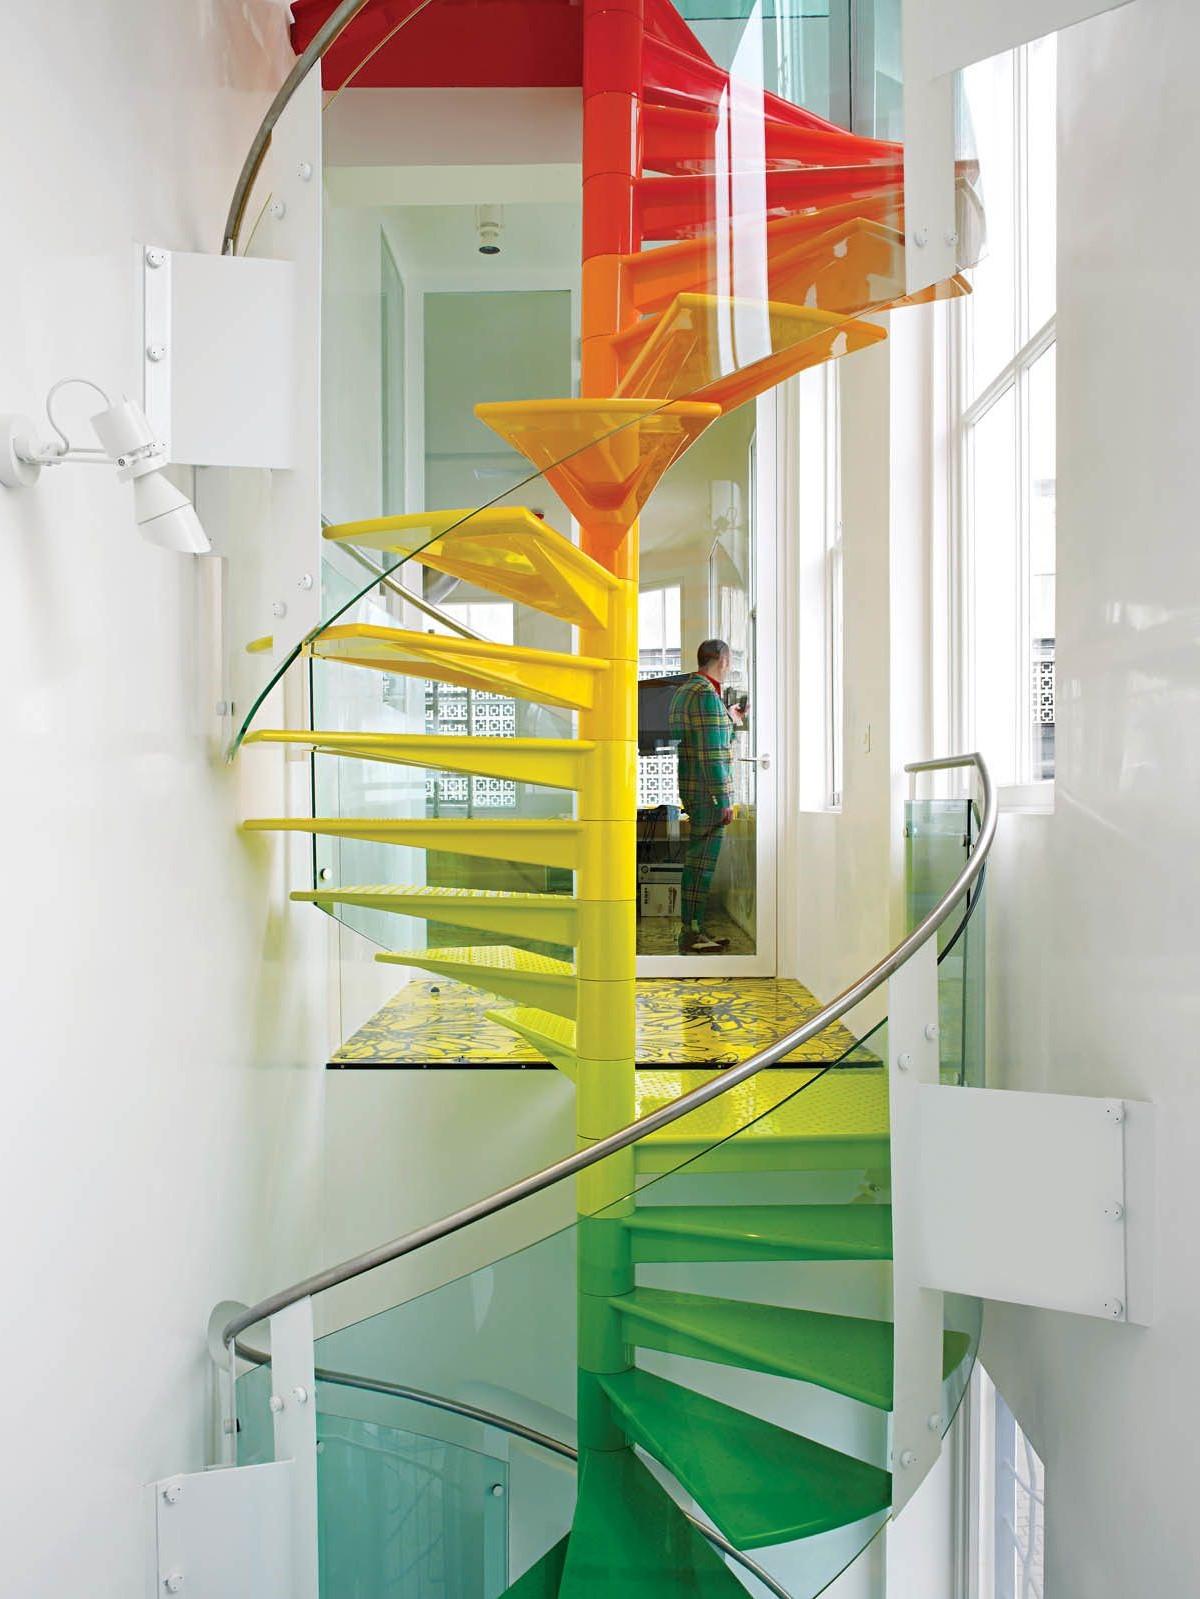 Maintenant, vos escaliers sont presque prêts pour appliquer un apprêt.